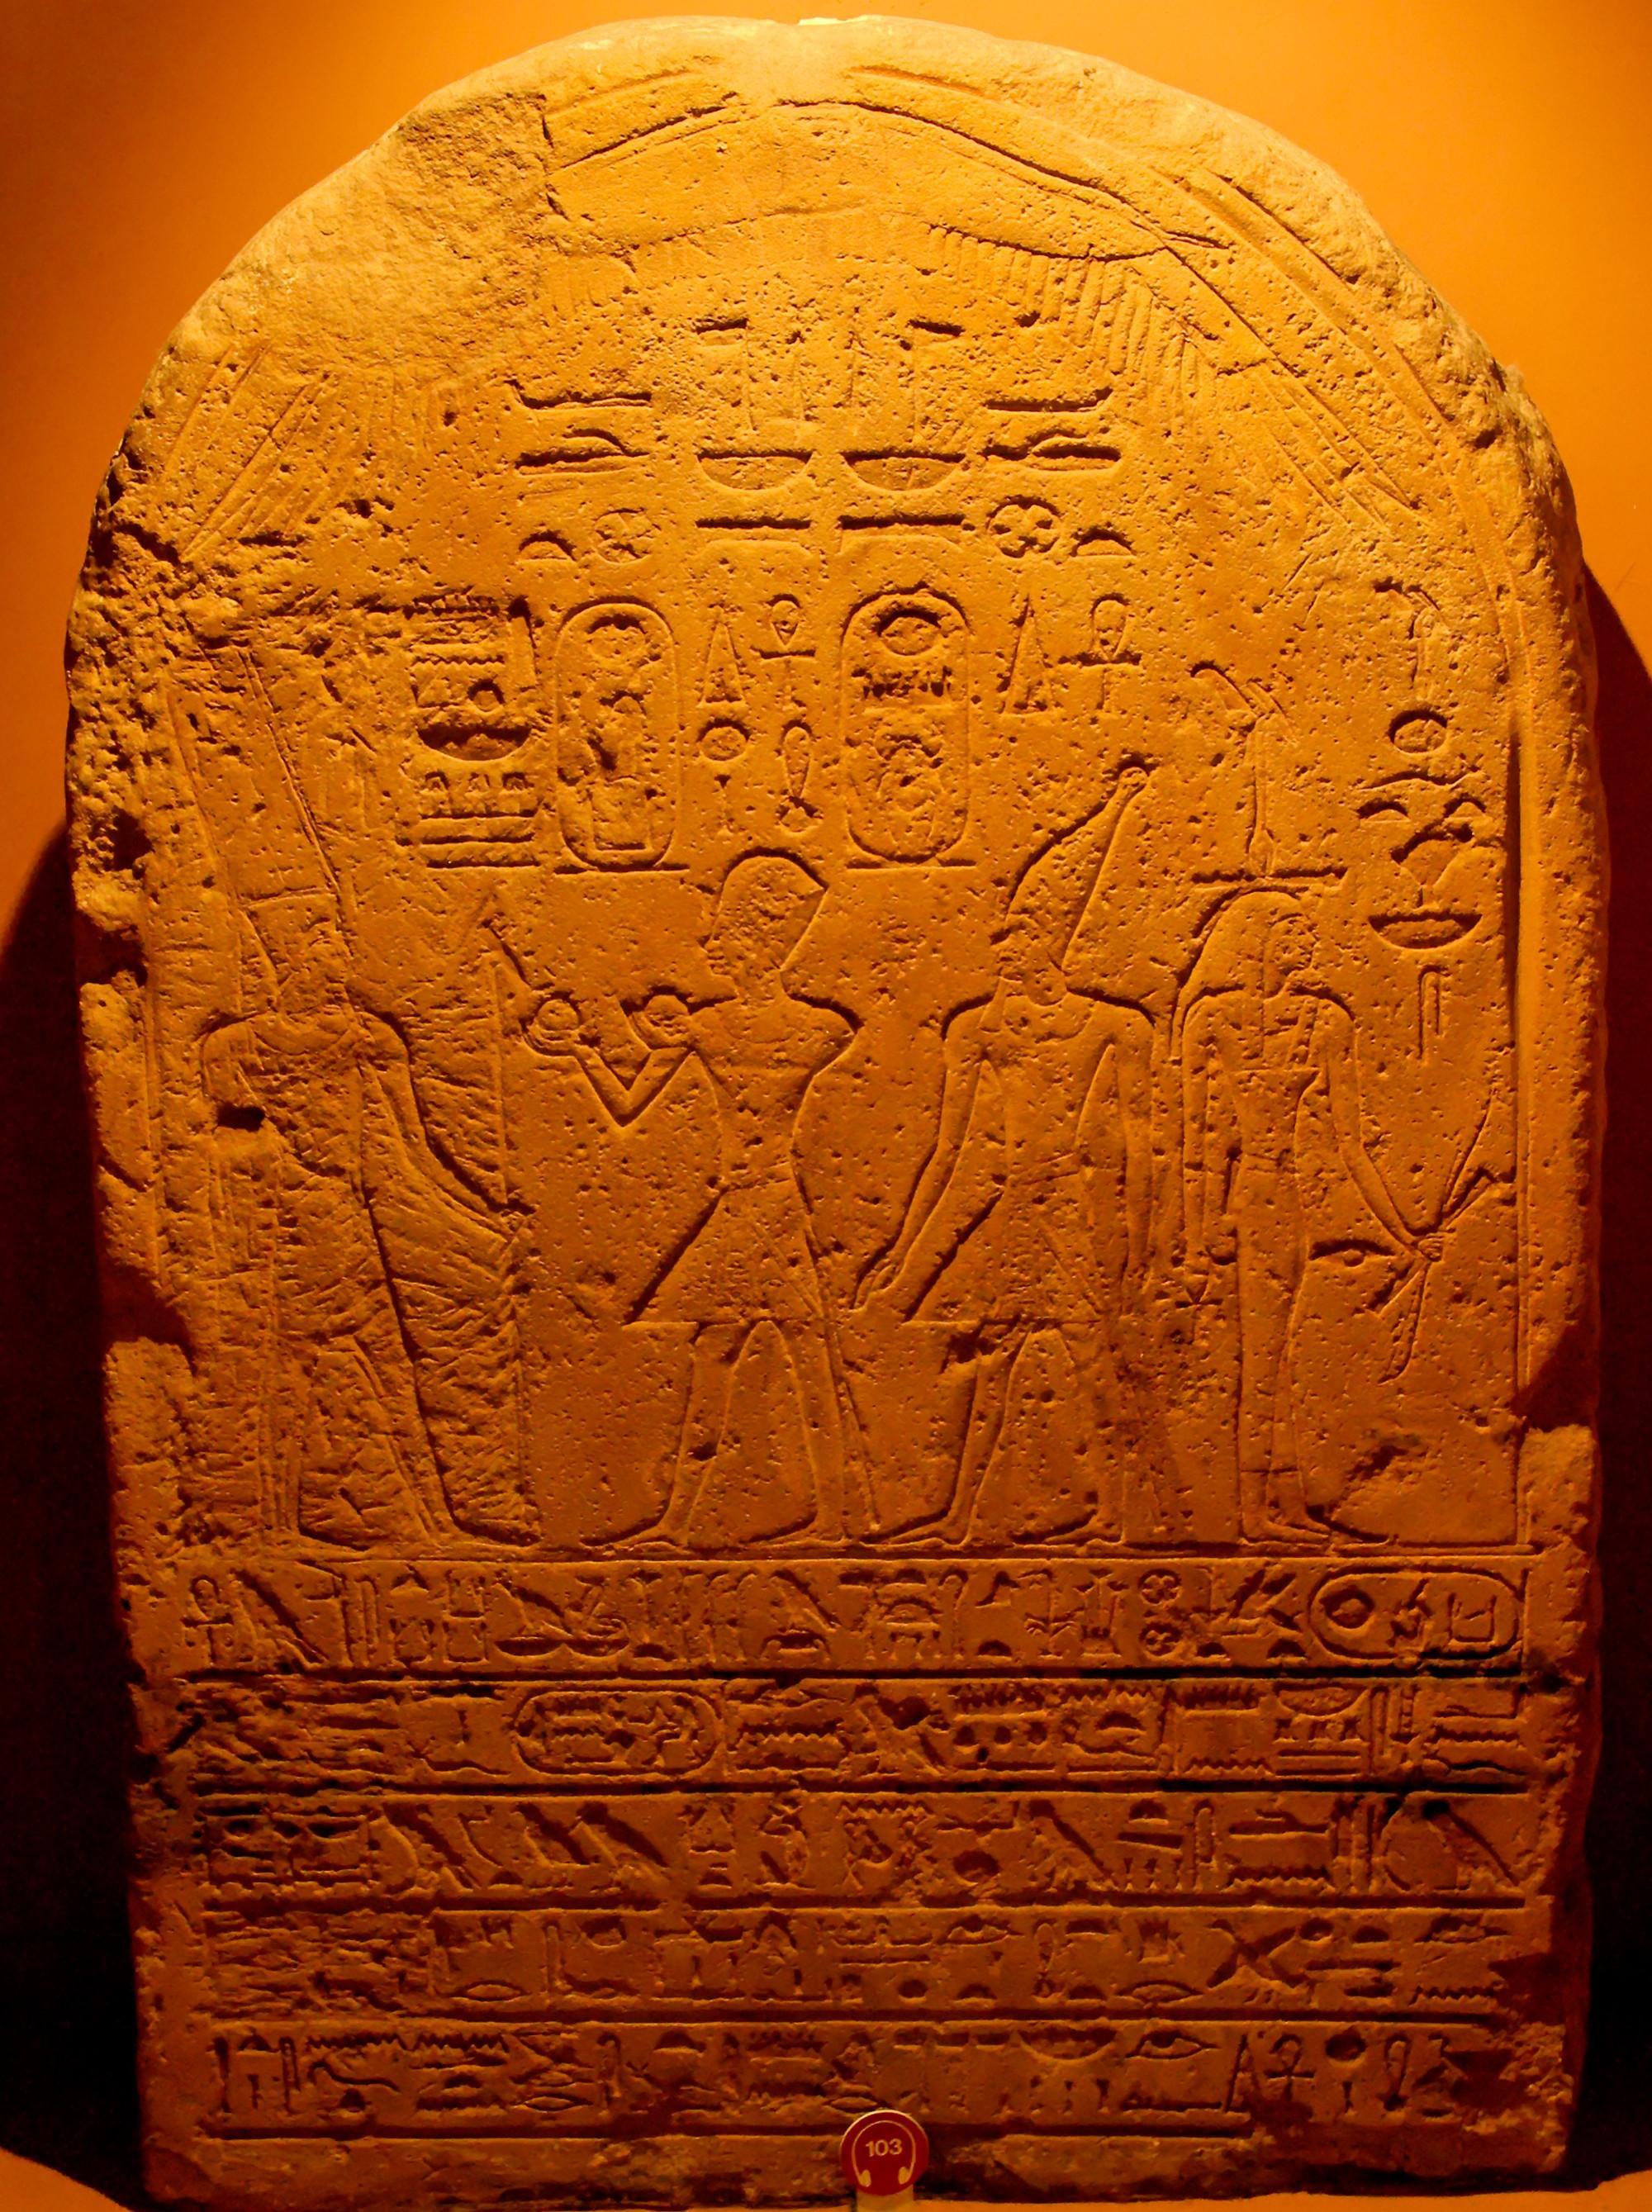 hatshepsut and thutmose iii relationship problems